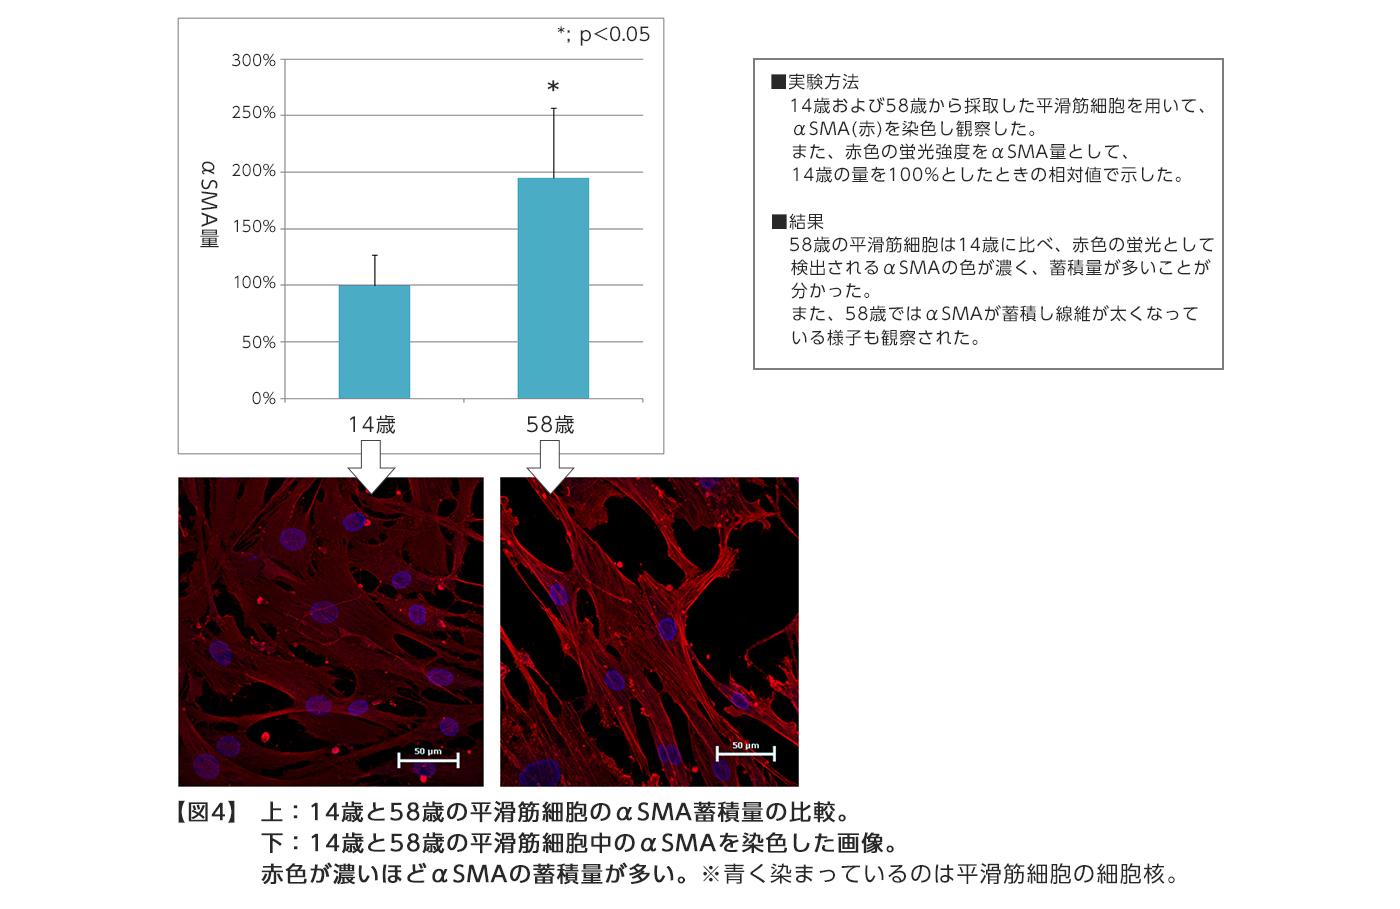 【図4】上:14歳と58歳の平滑筋細胞のαSMA蓄積量の比較。 下:14歳と58歳の平滑筋細胞中のαSMAを染色した画像。 赤色が濃いほどαSMAの蓄積量が多い